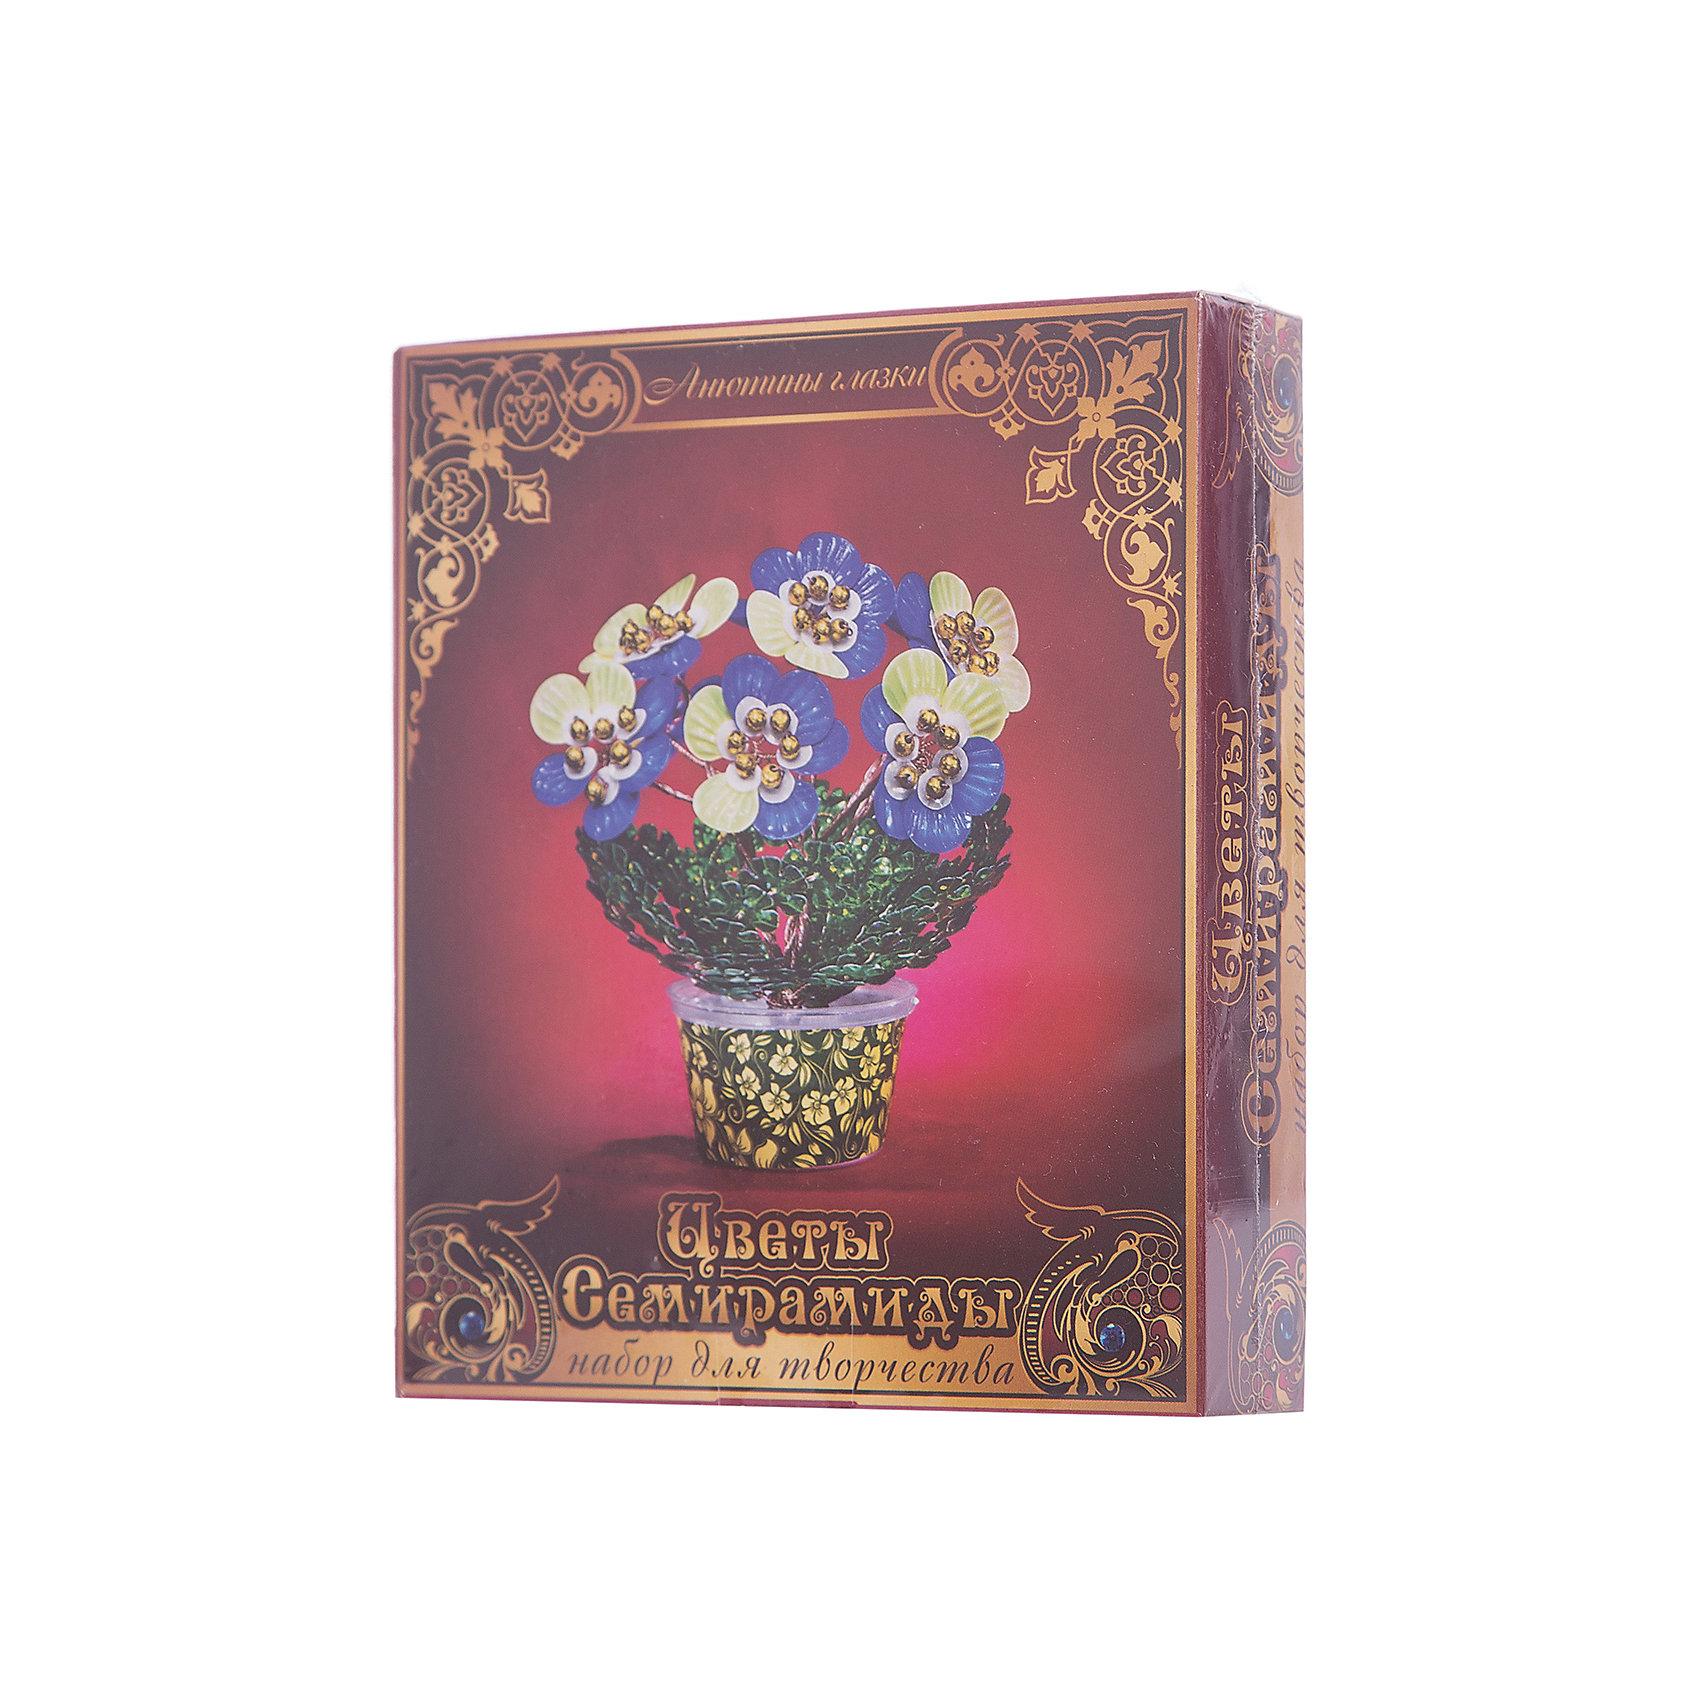 Набор для творчества Цветы Семирамиды Анютины глазкиСерия «Цветы Семирамиды» представляют собой комплект необходимых<br>материалов, используя которые можно создать своё «Волшебный цветок» из каждого набора. Наборы предназначены для семейного творчества.<br><br>Ширина мм: 12<br>Глубина мм: 3<br>Высота мм: 14<br>Вес г: 90<br>Возраст от месяцев: 84<br>Возраст до месяцев: 192<br>Пол: Унисекс<br>Возраст: Детский<br>SKU: 5068889